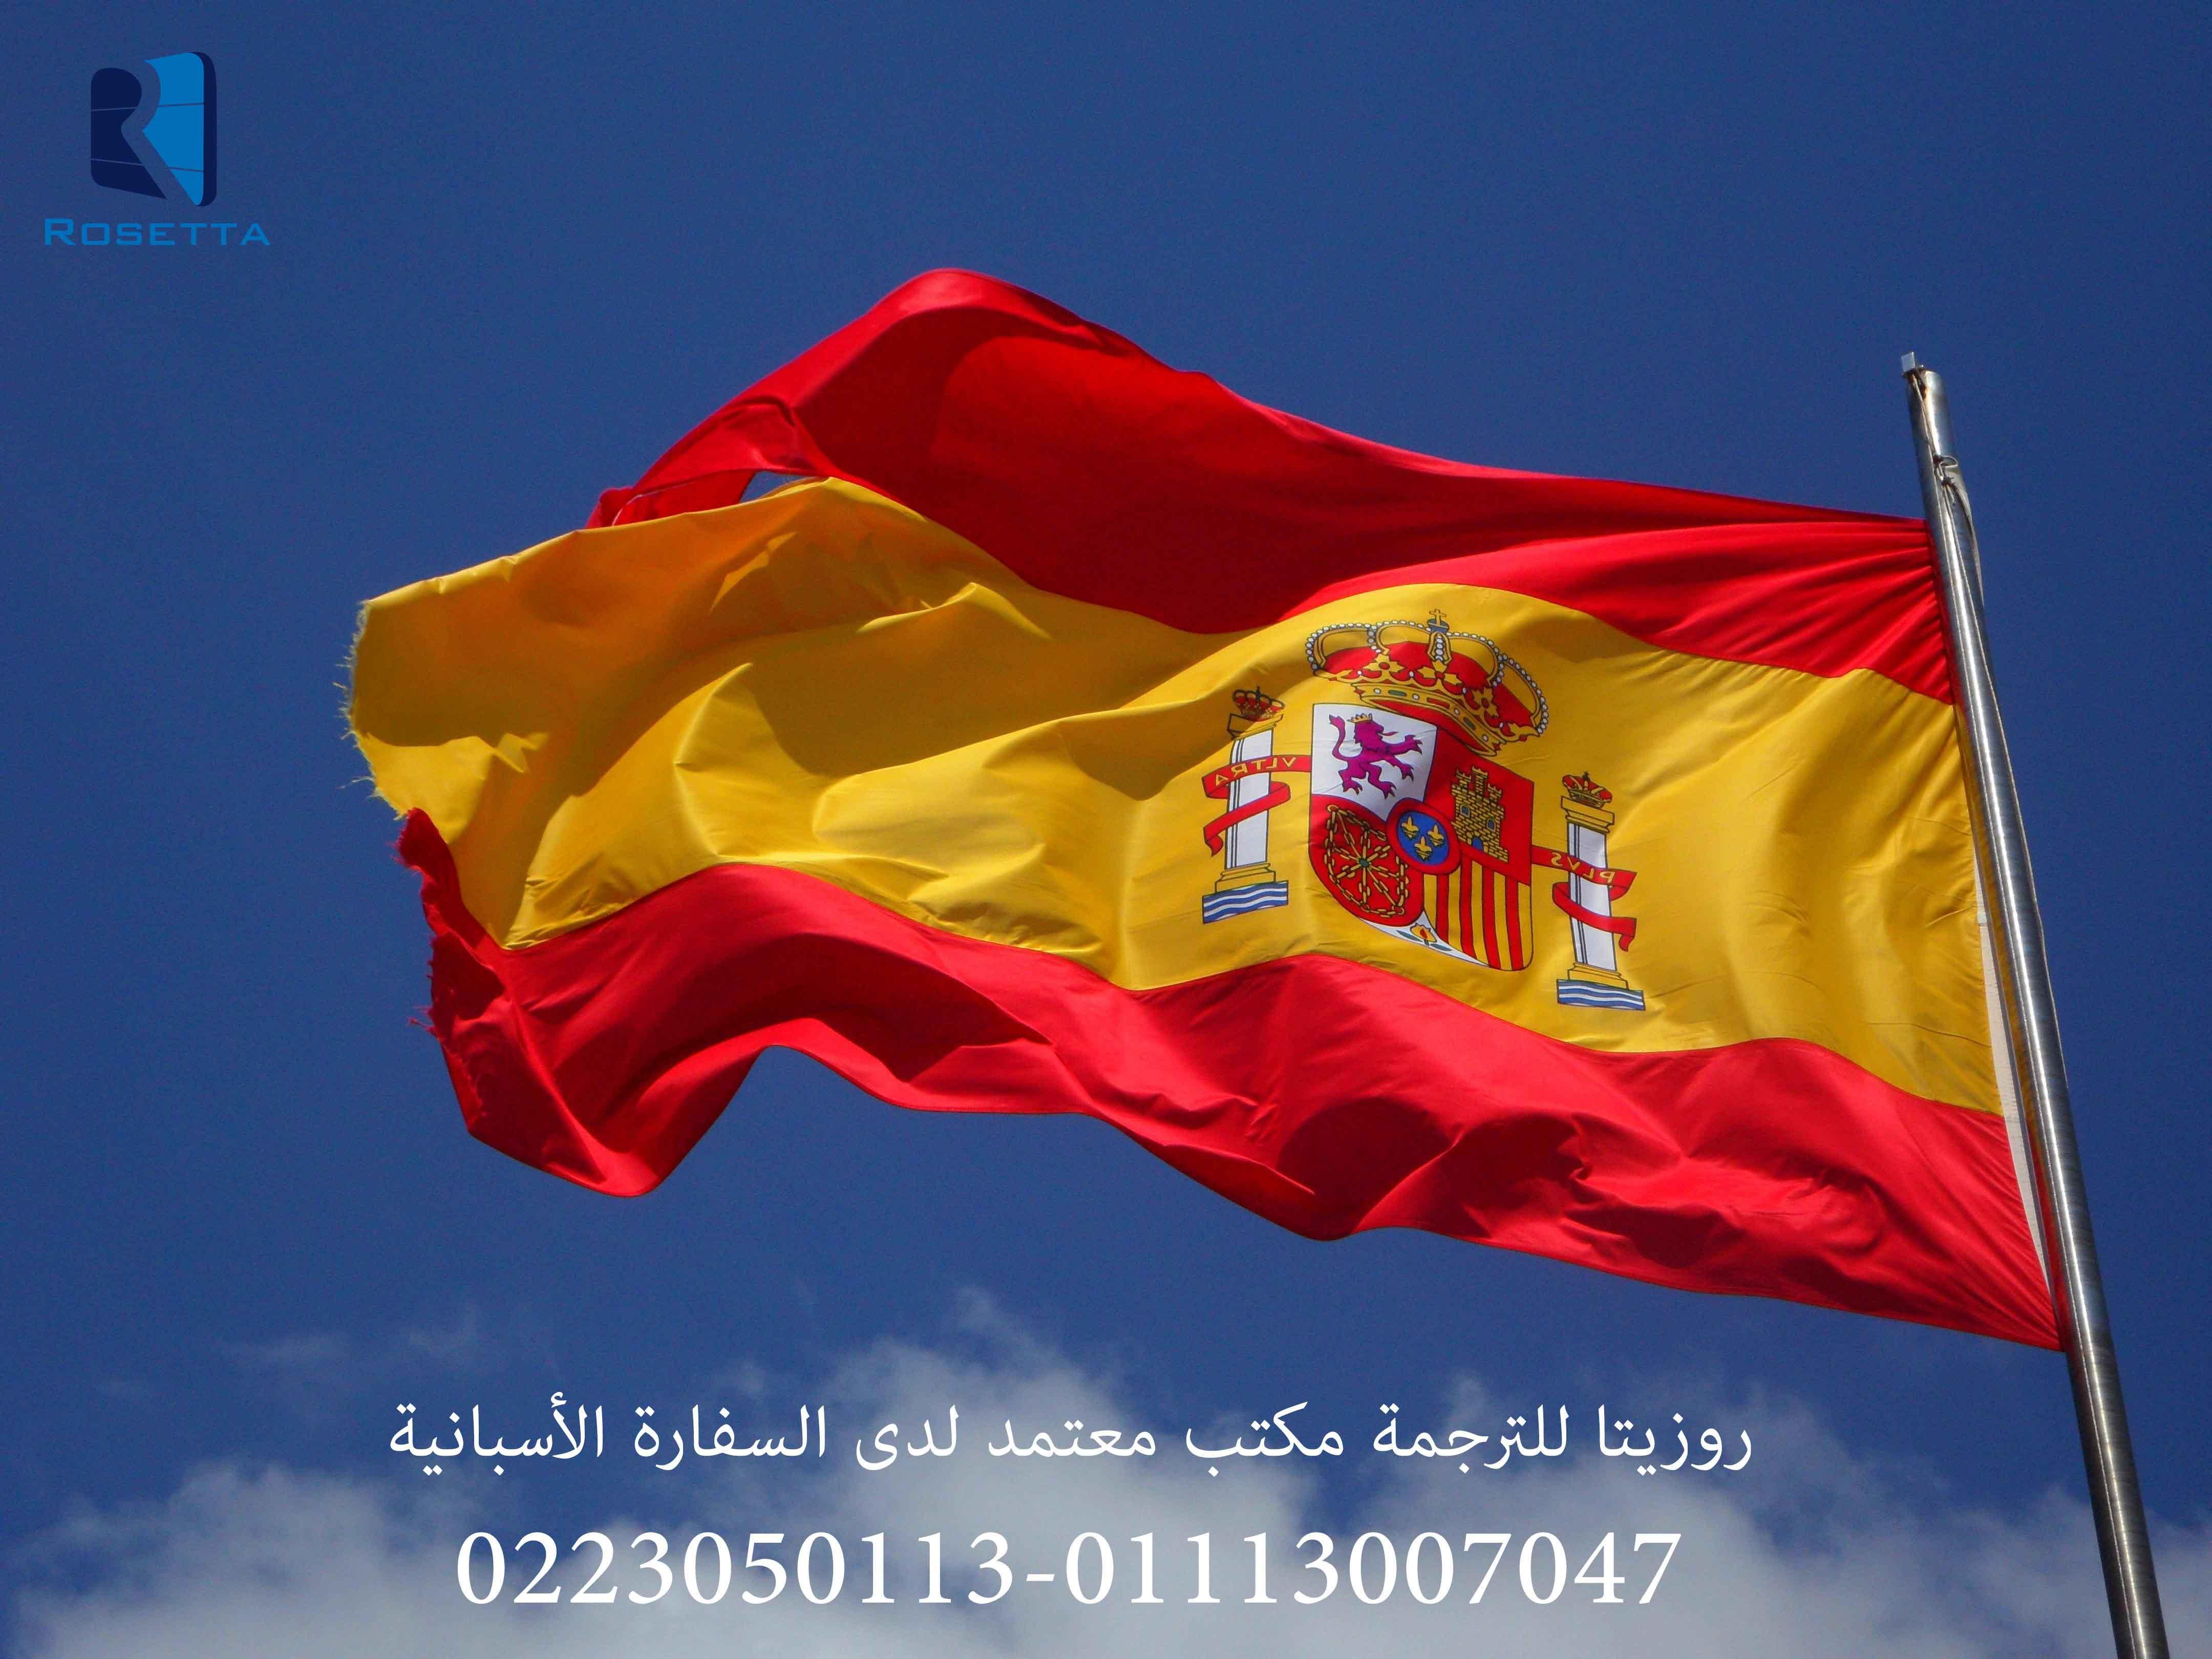 مكتب ترجمة معتمدة من السفارة الاسبانية